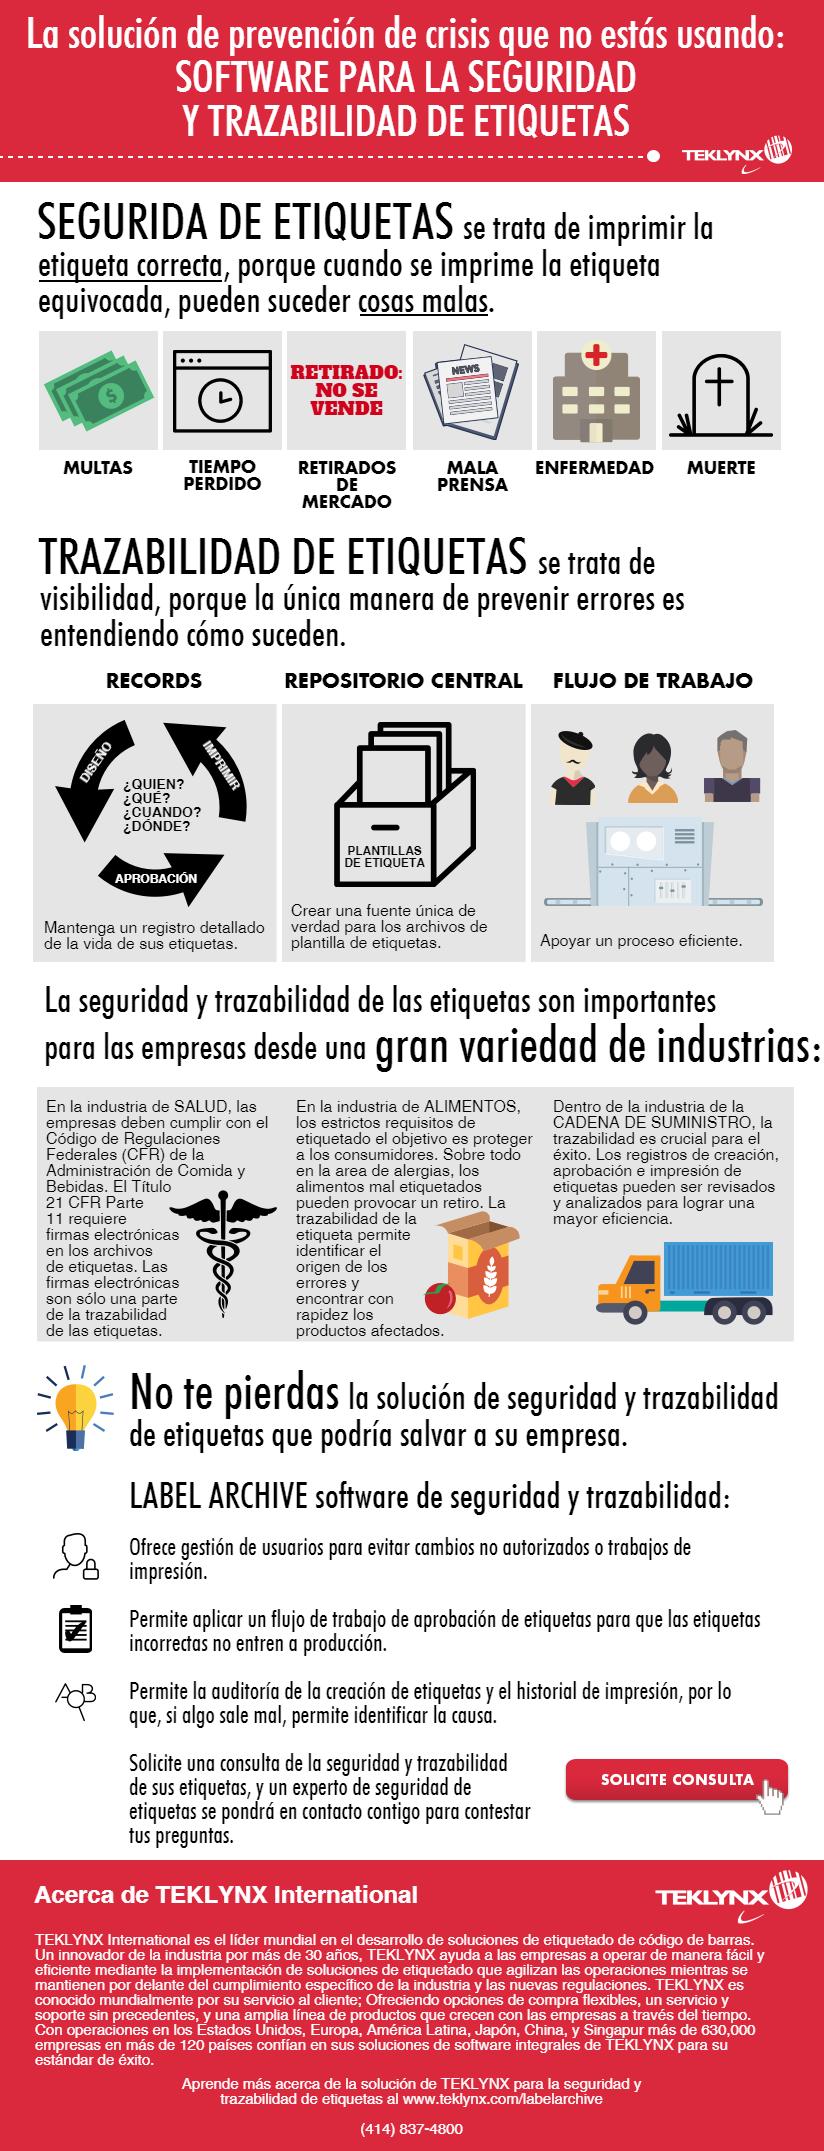 Infografía gratuita: Seguridad y Trazabilidad de Etiquetas